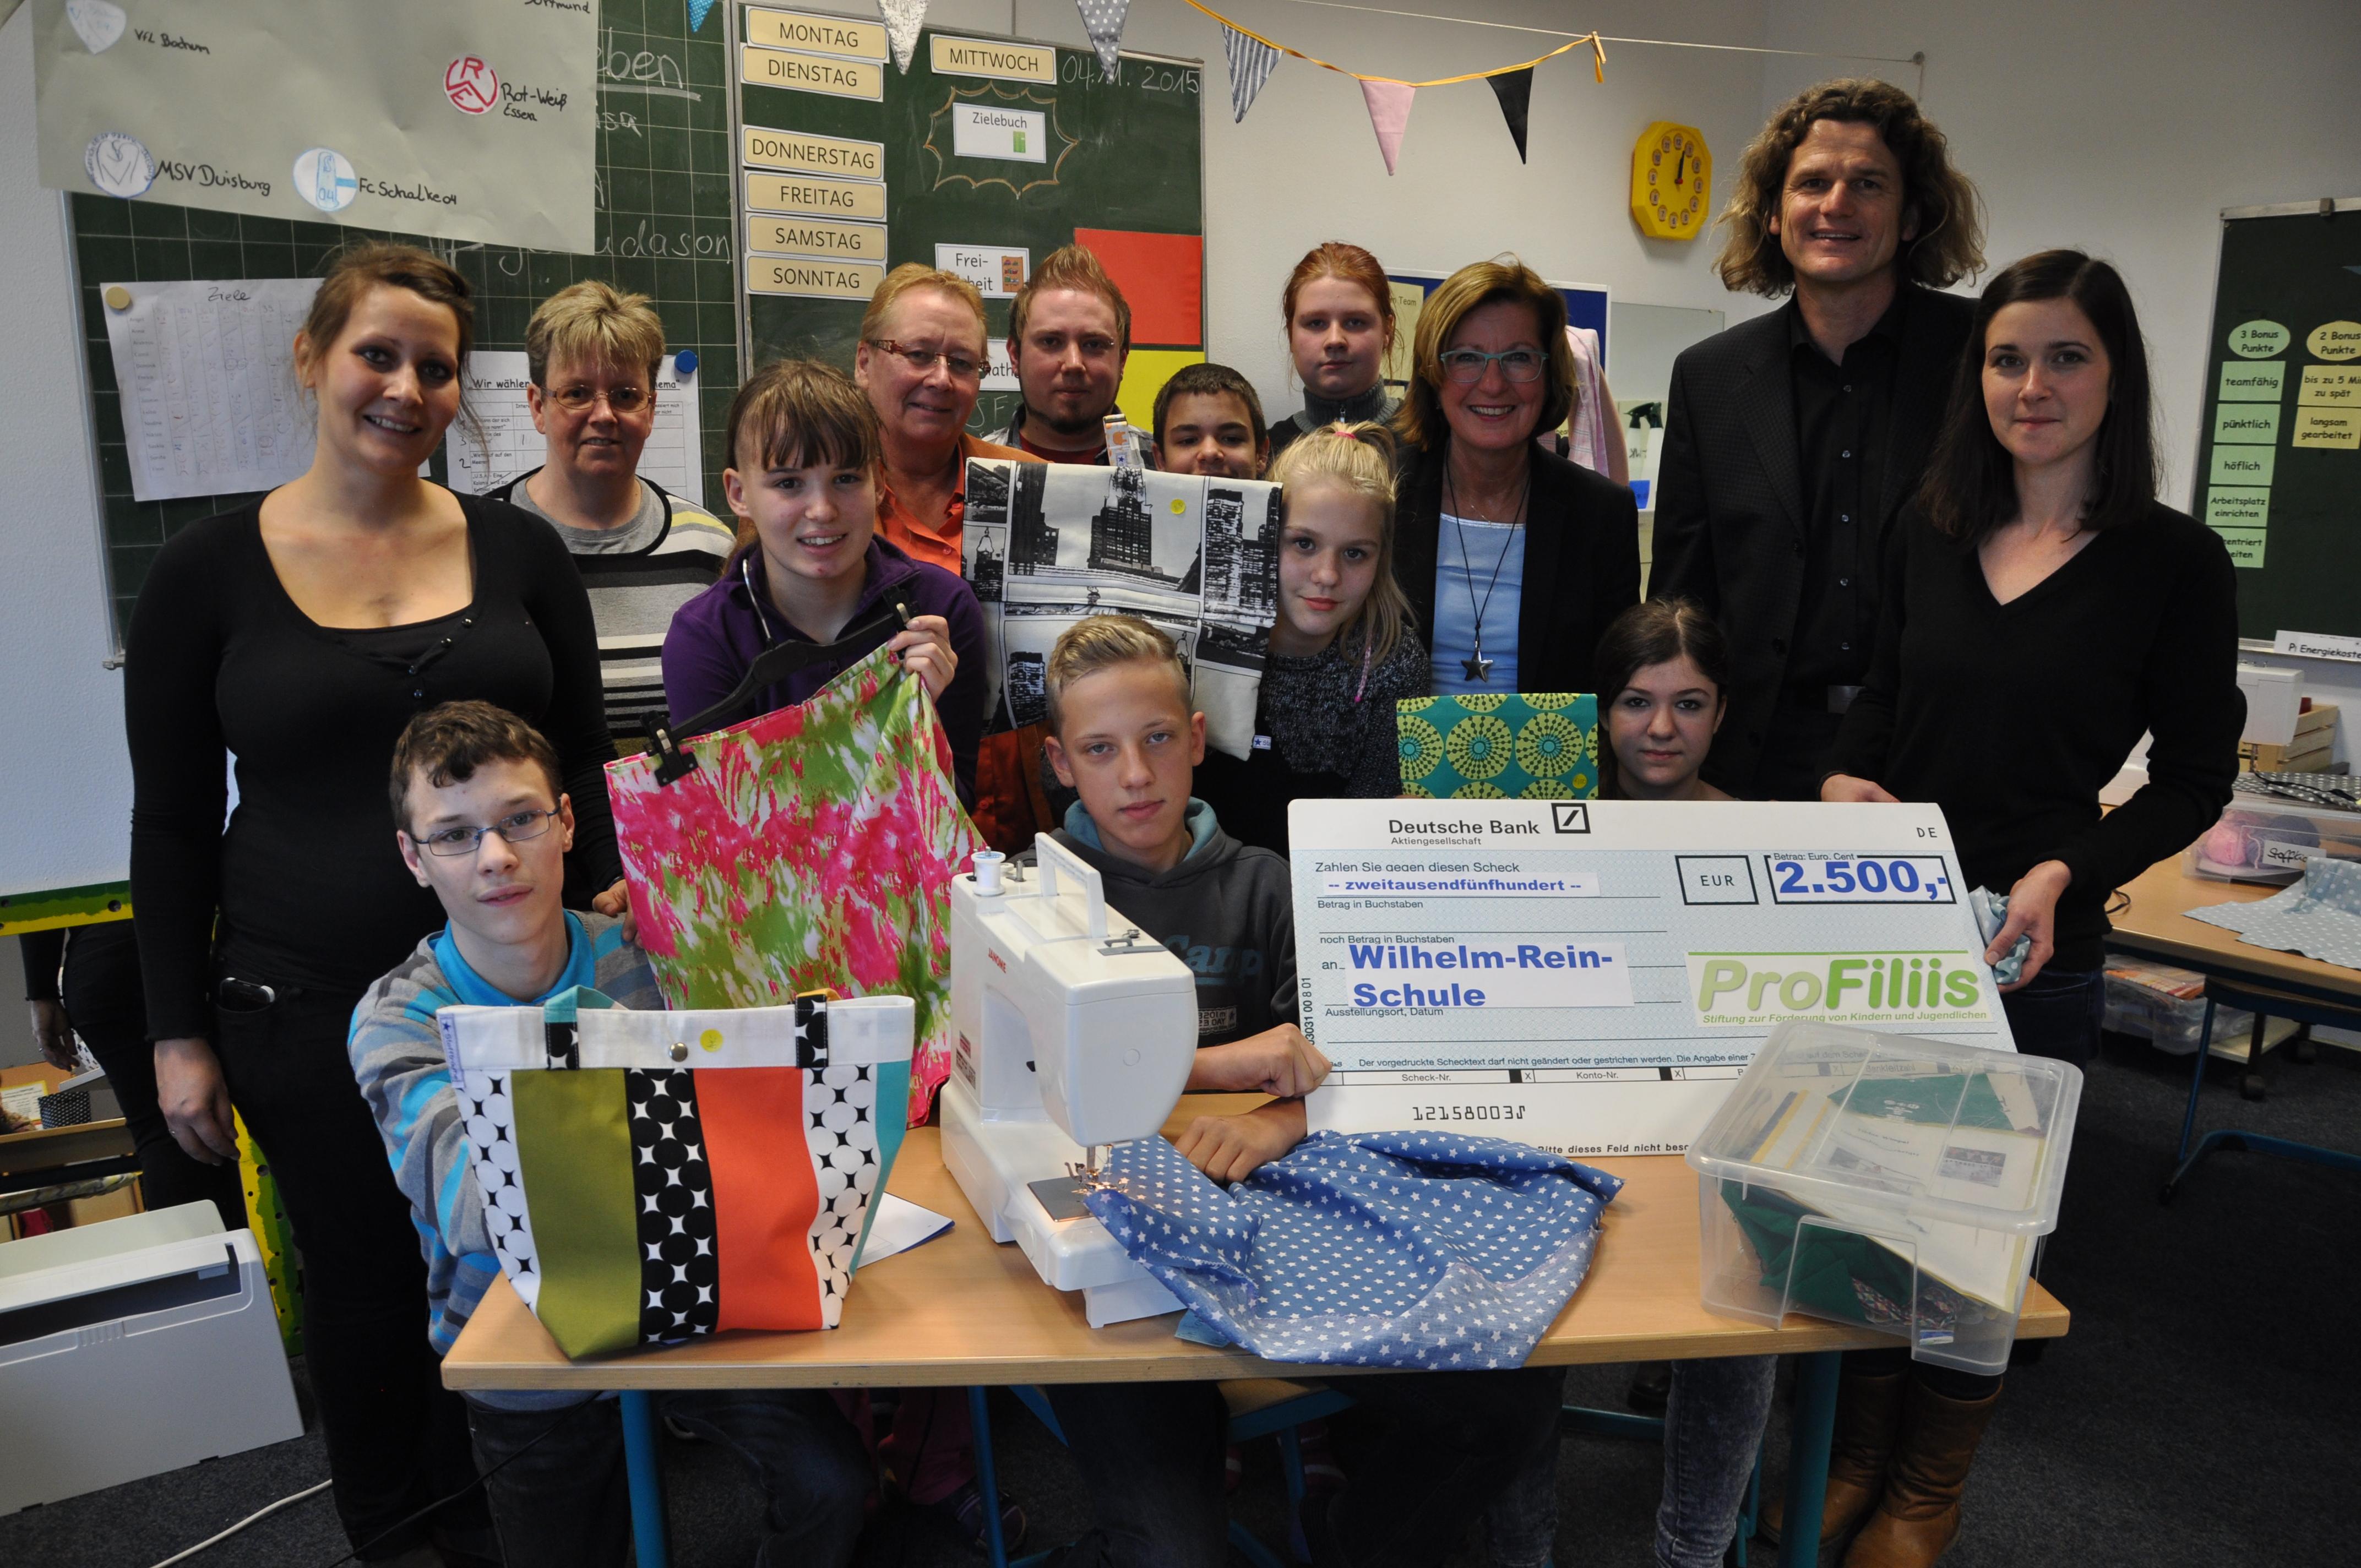 Wilhwlm-Rein-Schule DSC_0015